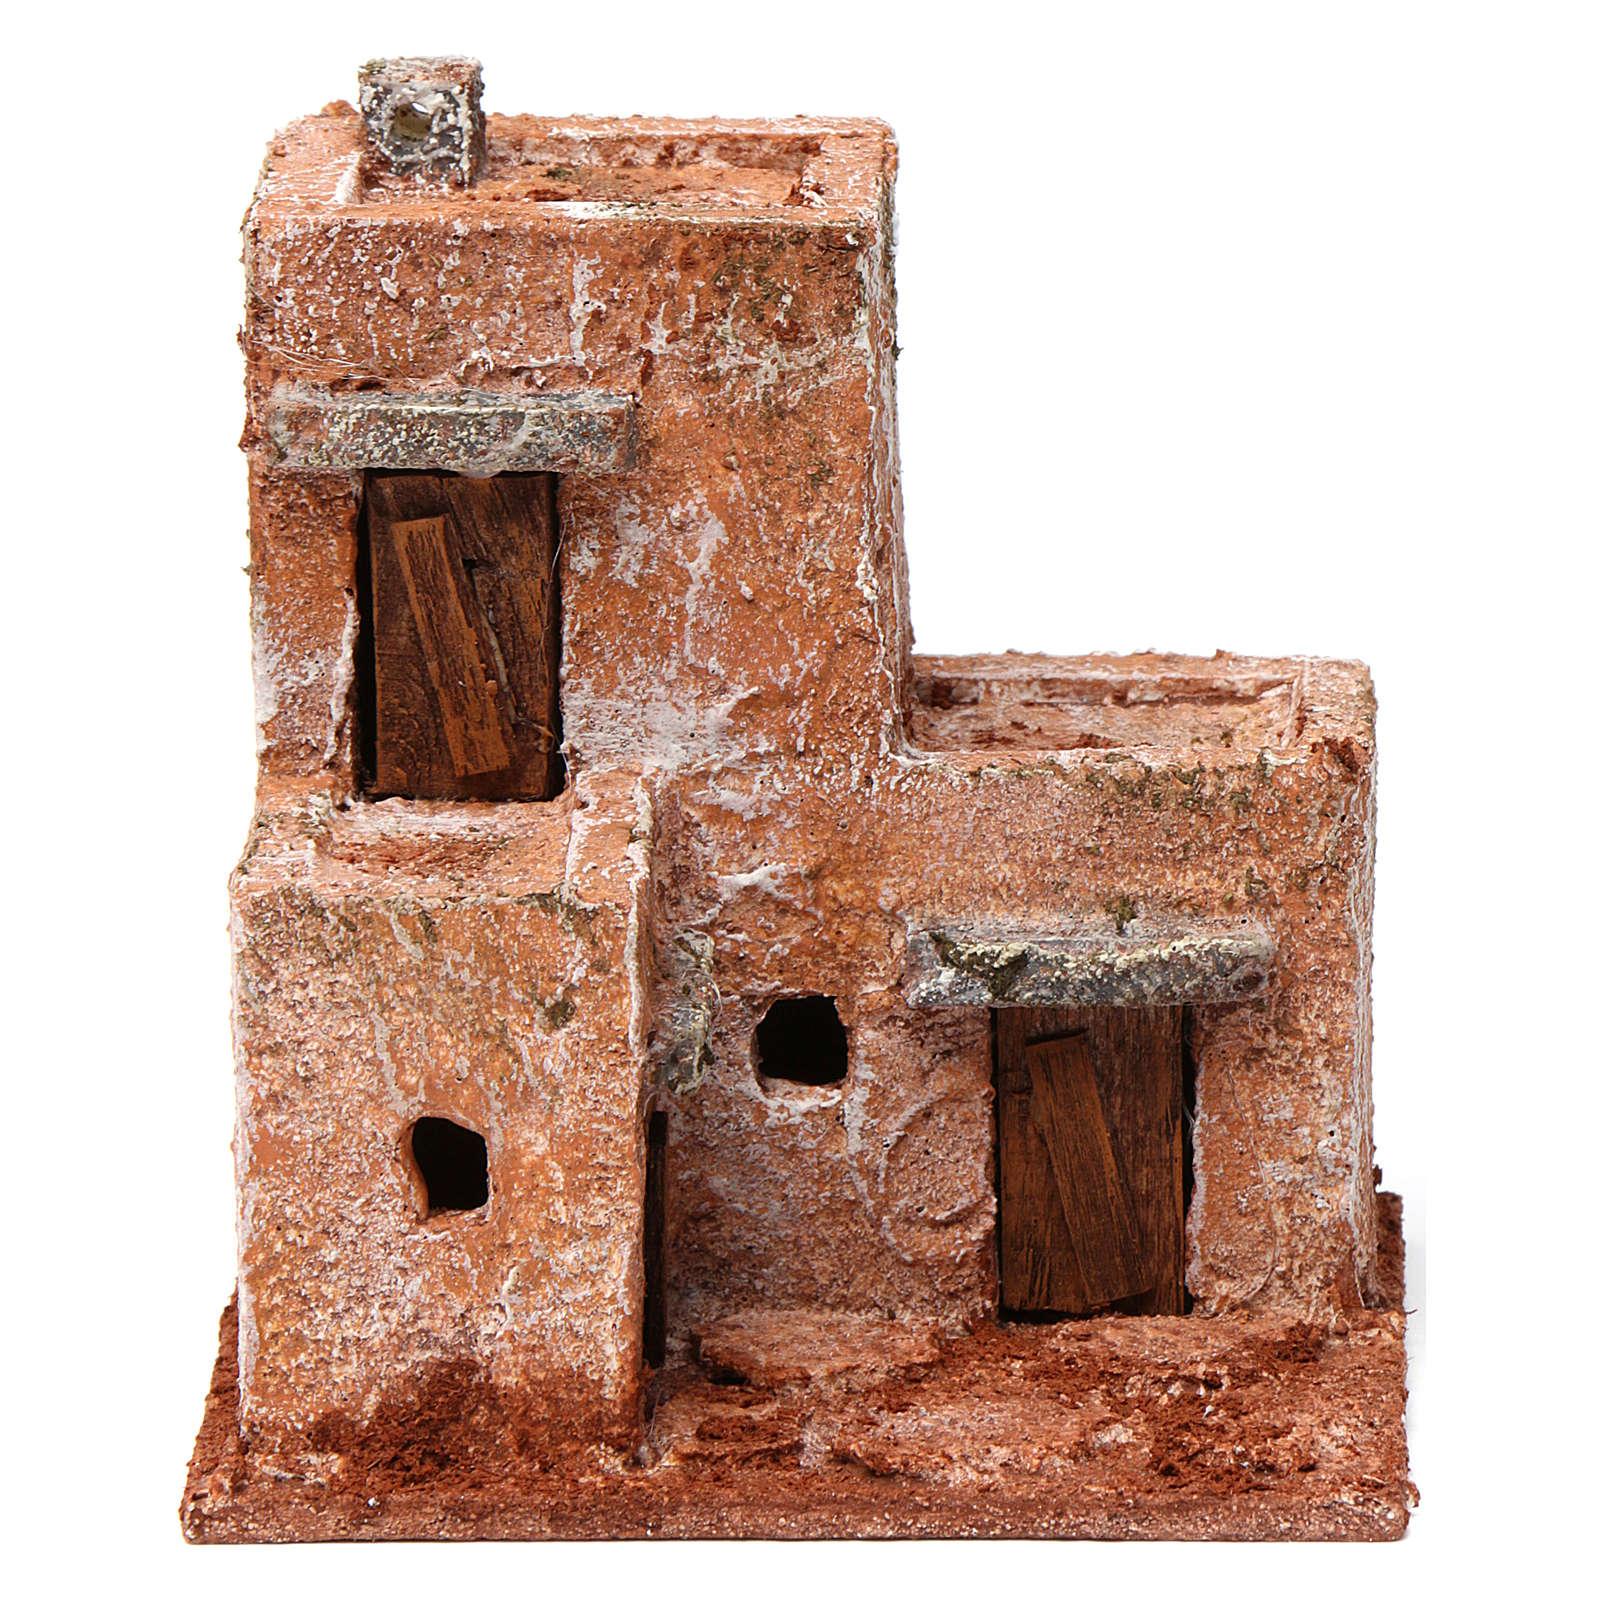 Casa piccola tre porte legno 10X10X10 stile palestinese cm 4